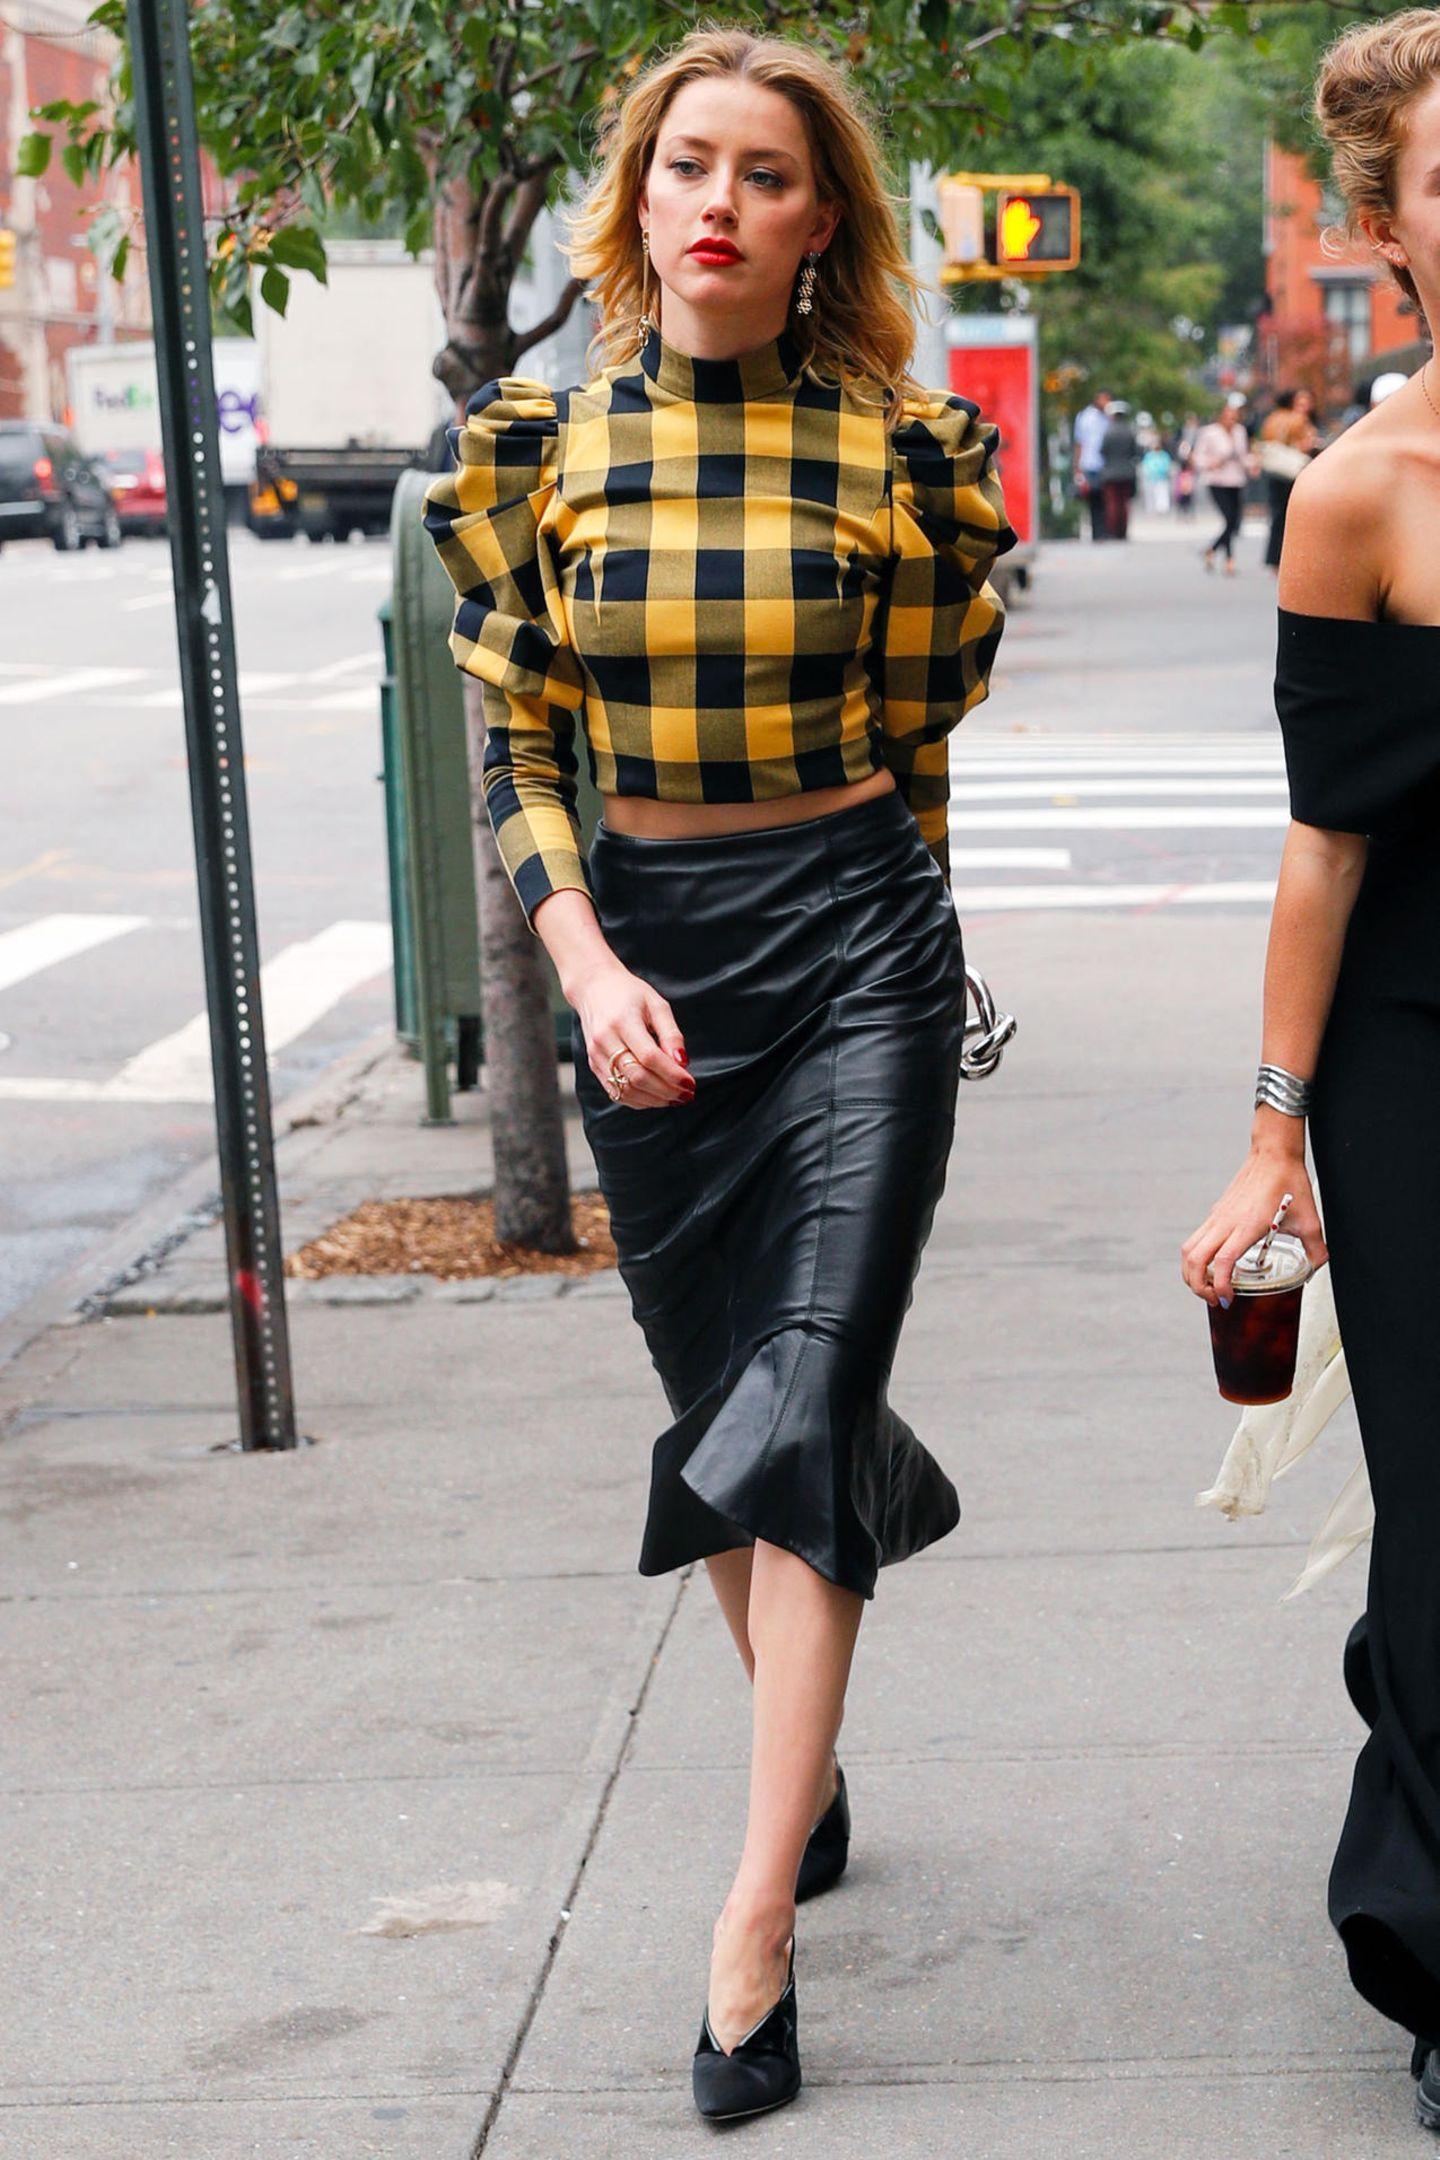 Amber Heard zeigt sich stylischer denn je auf den Straßen von New York City. In einemsexy Leder-Pencil-Skirt und karierter Crop-Bluse mit Puffärmeln stolziert sie selbstbewusst durch die Stadt die niemals schläft. Rote Lippen und High-Heels mit V-Ausschnitt runden ihren Streetstyle ab.